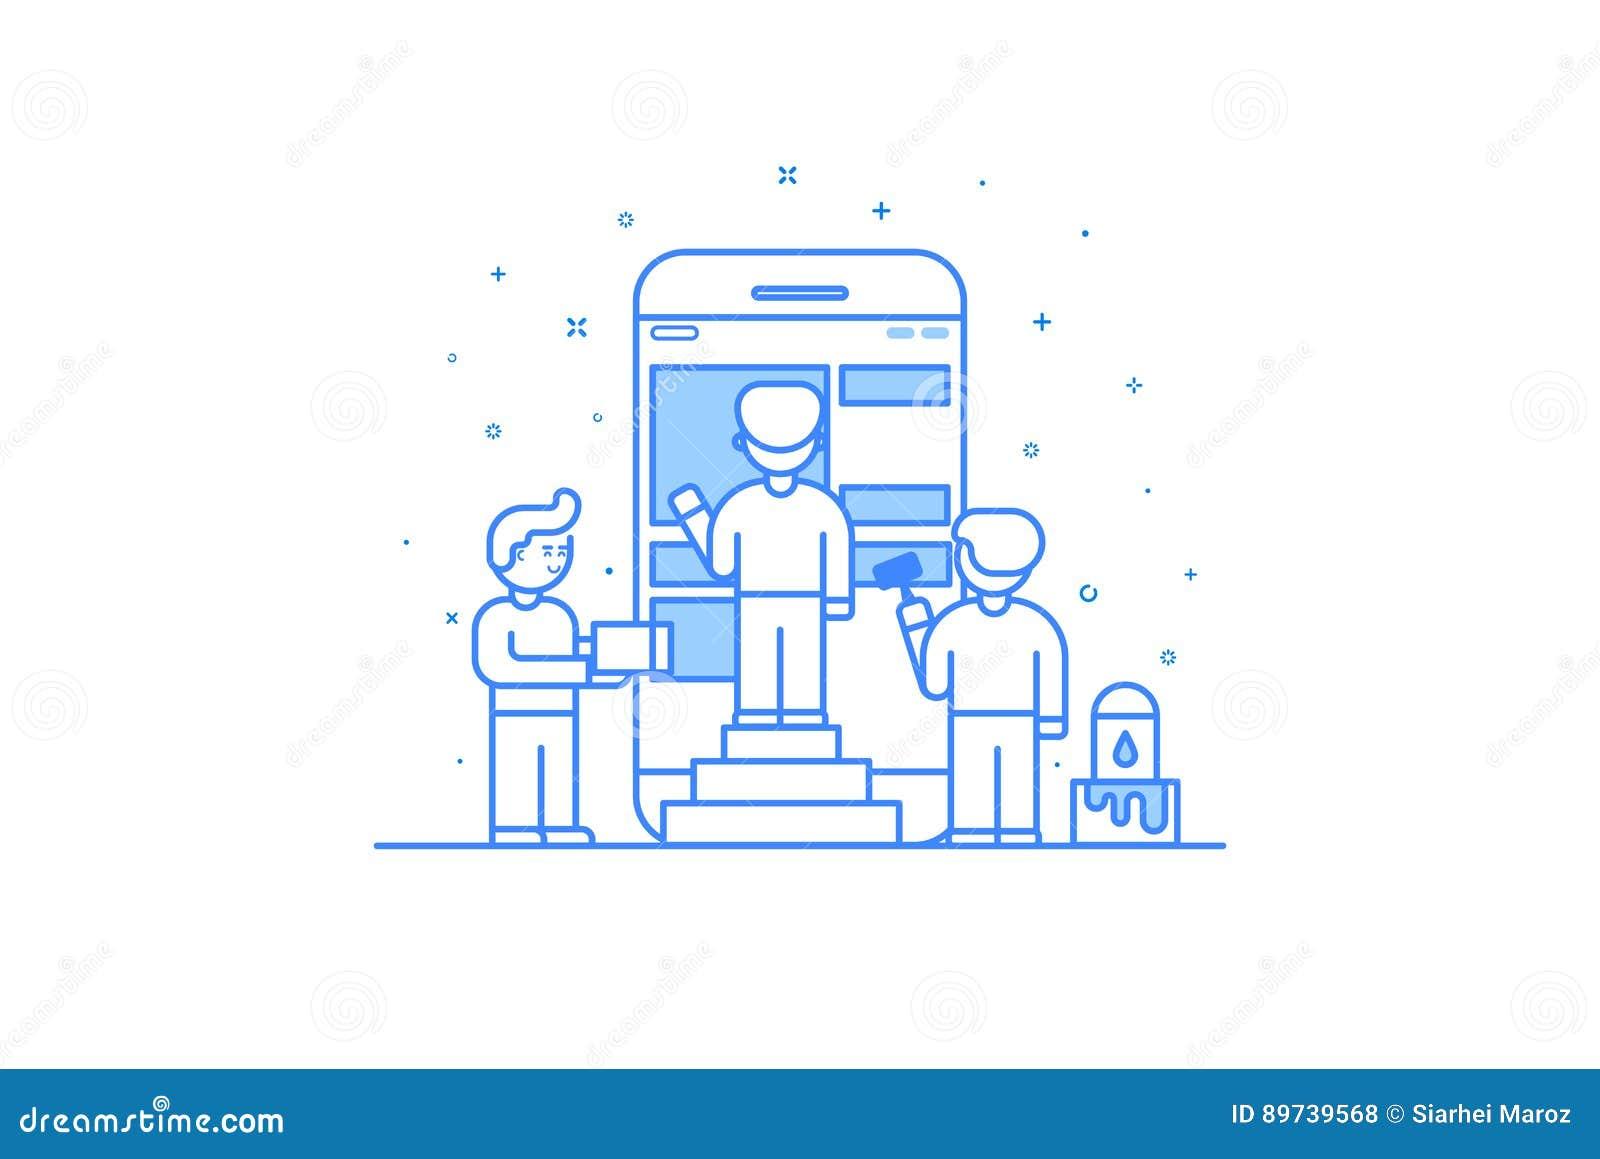 Vektorillustration i plan översiktsstil Begrepp för grafisk design av utveckling för för mobilapp-design och användargränssnitt